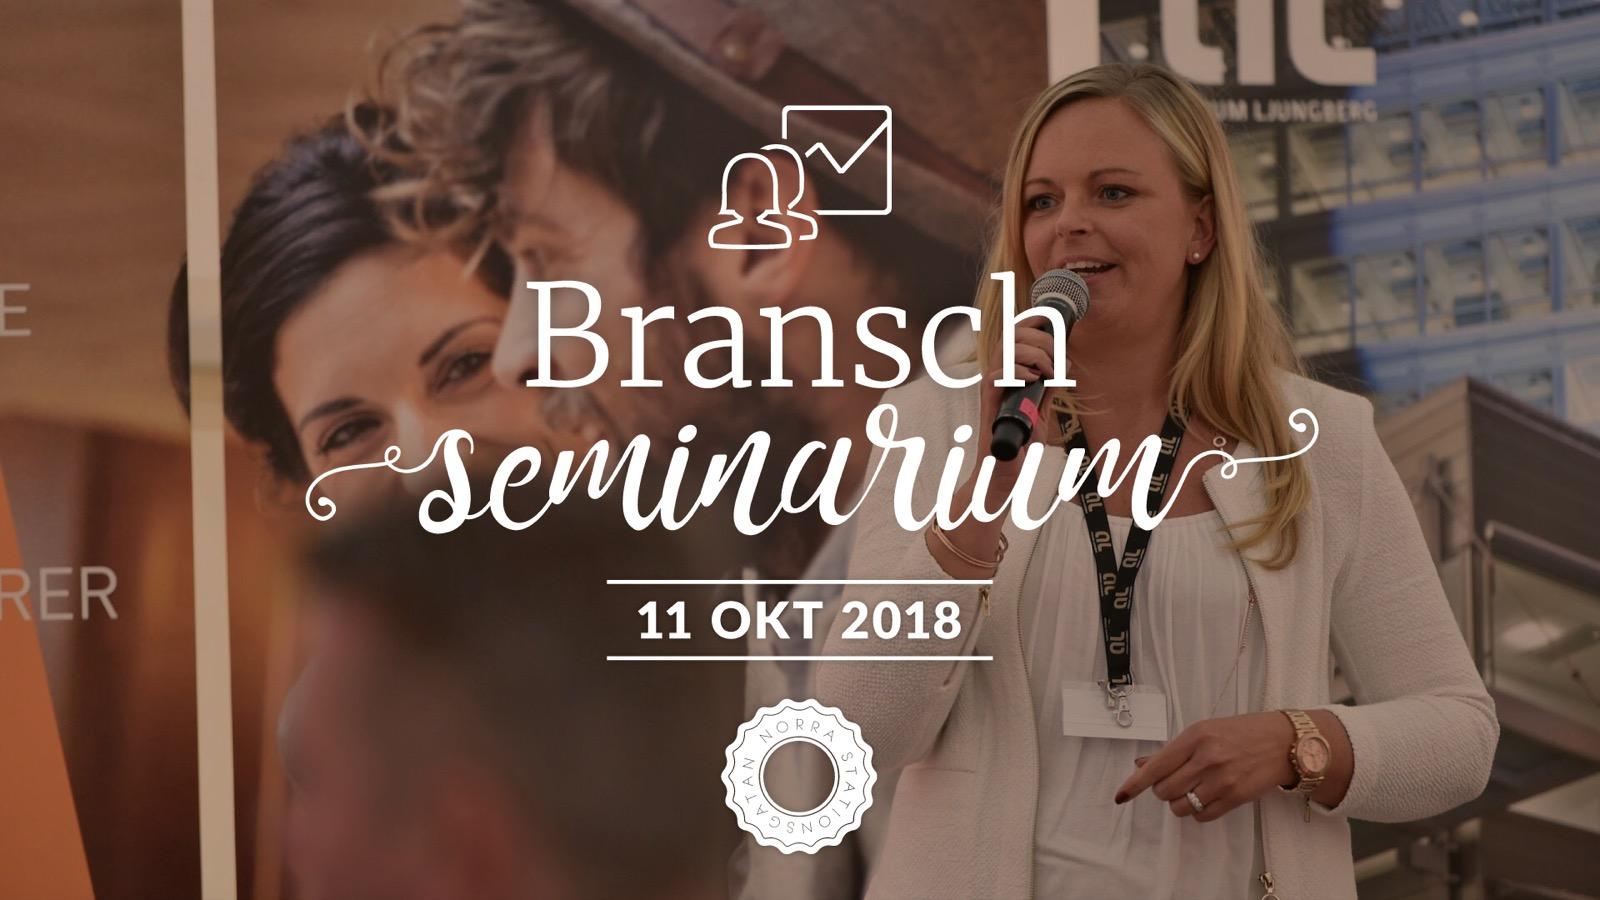 Branschseminarium-Okt-2018-1920x1080px-1 (kopia)-resize-jpg-1600px.jpg